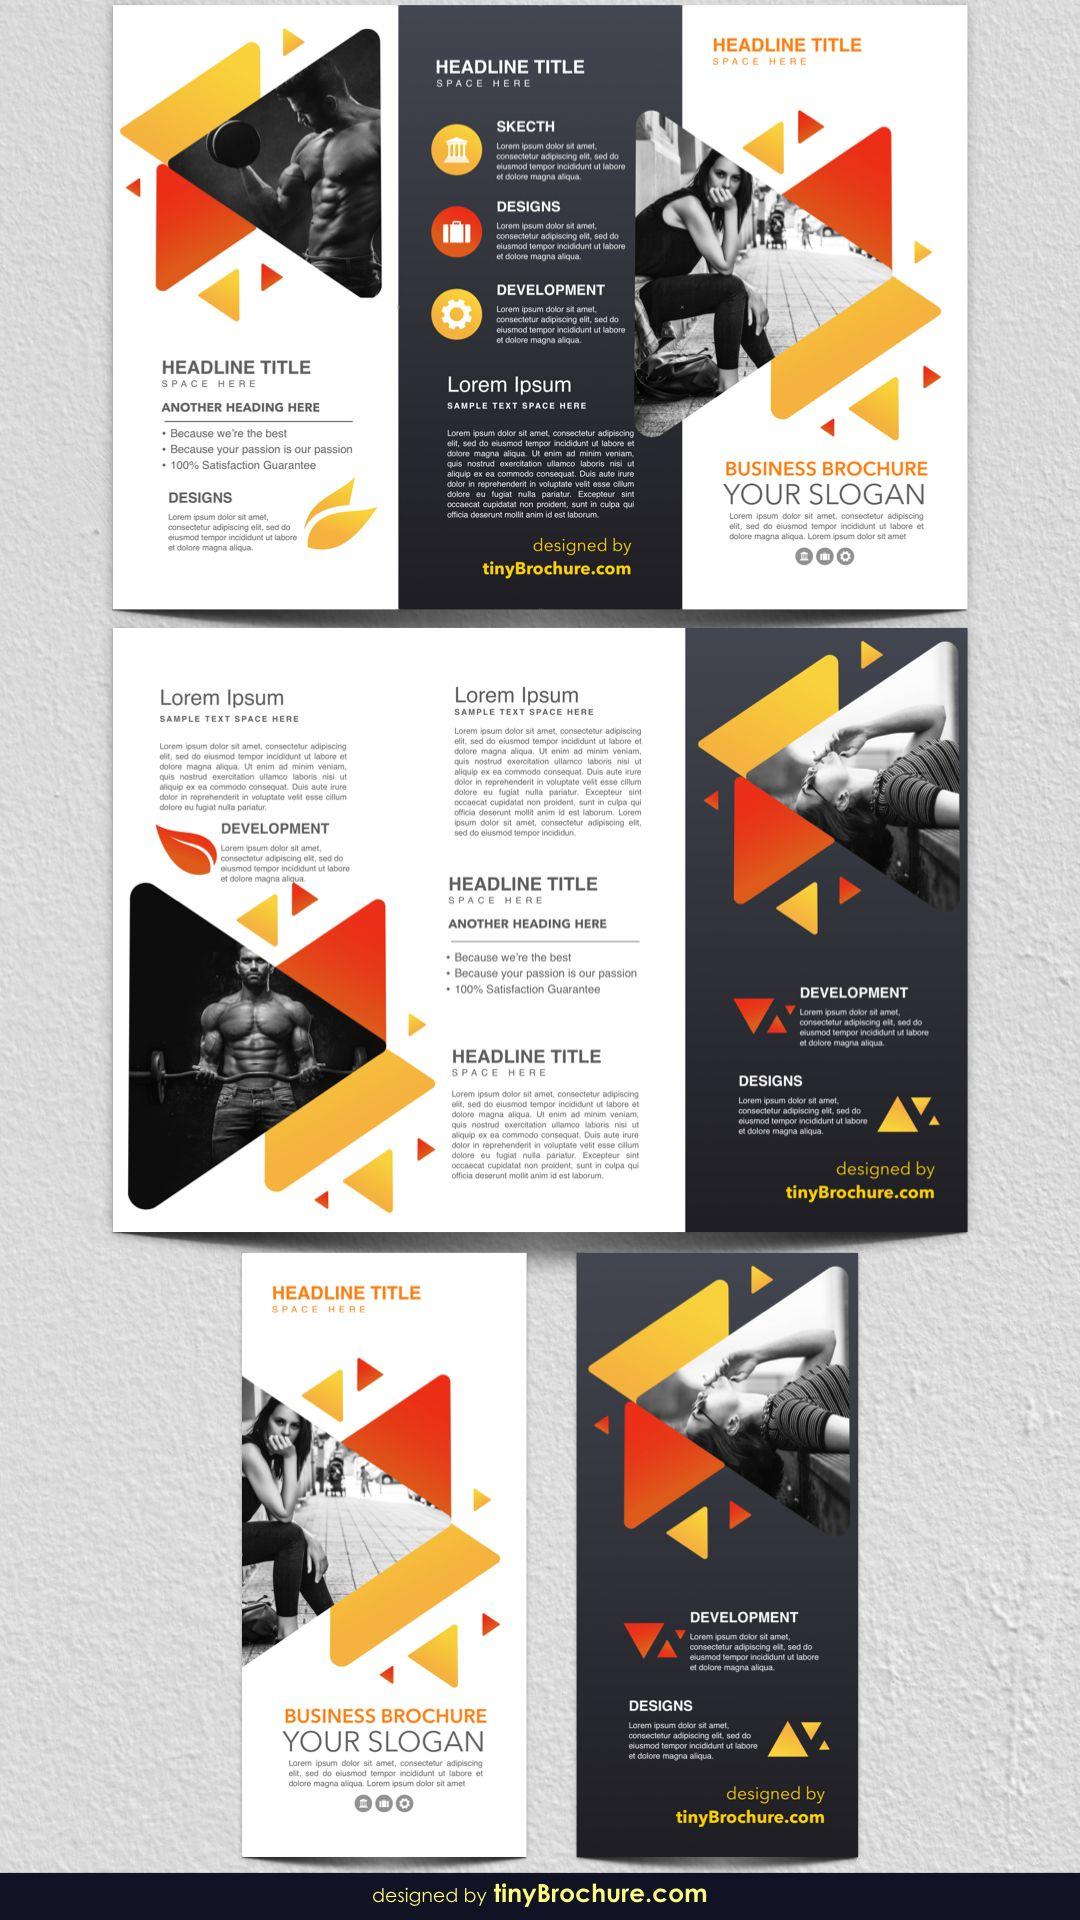 3 Panel Brochure Template Google Docs 2019 in 2020